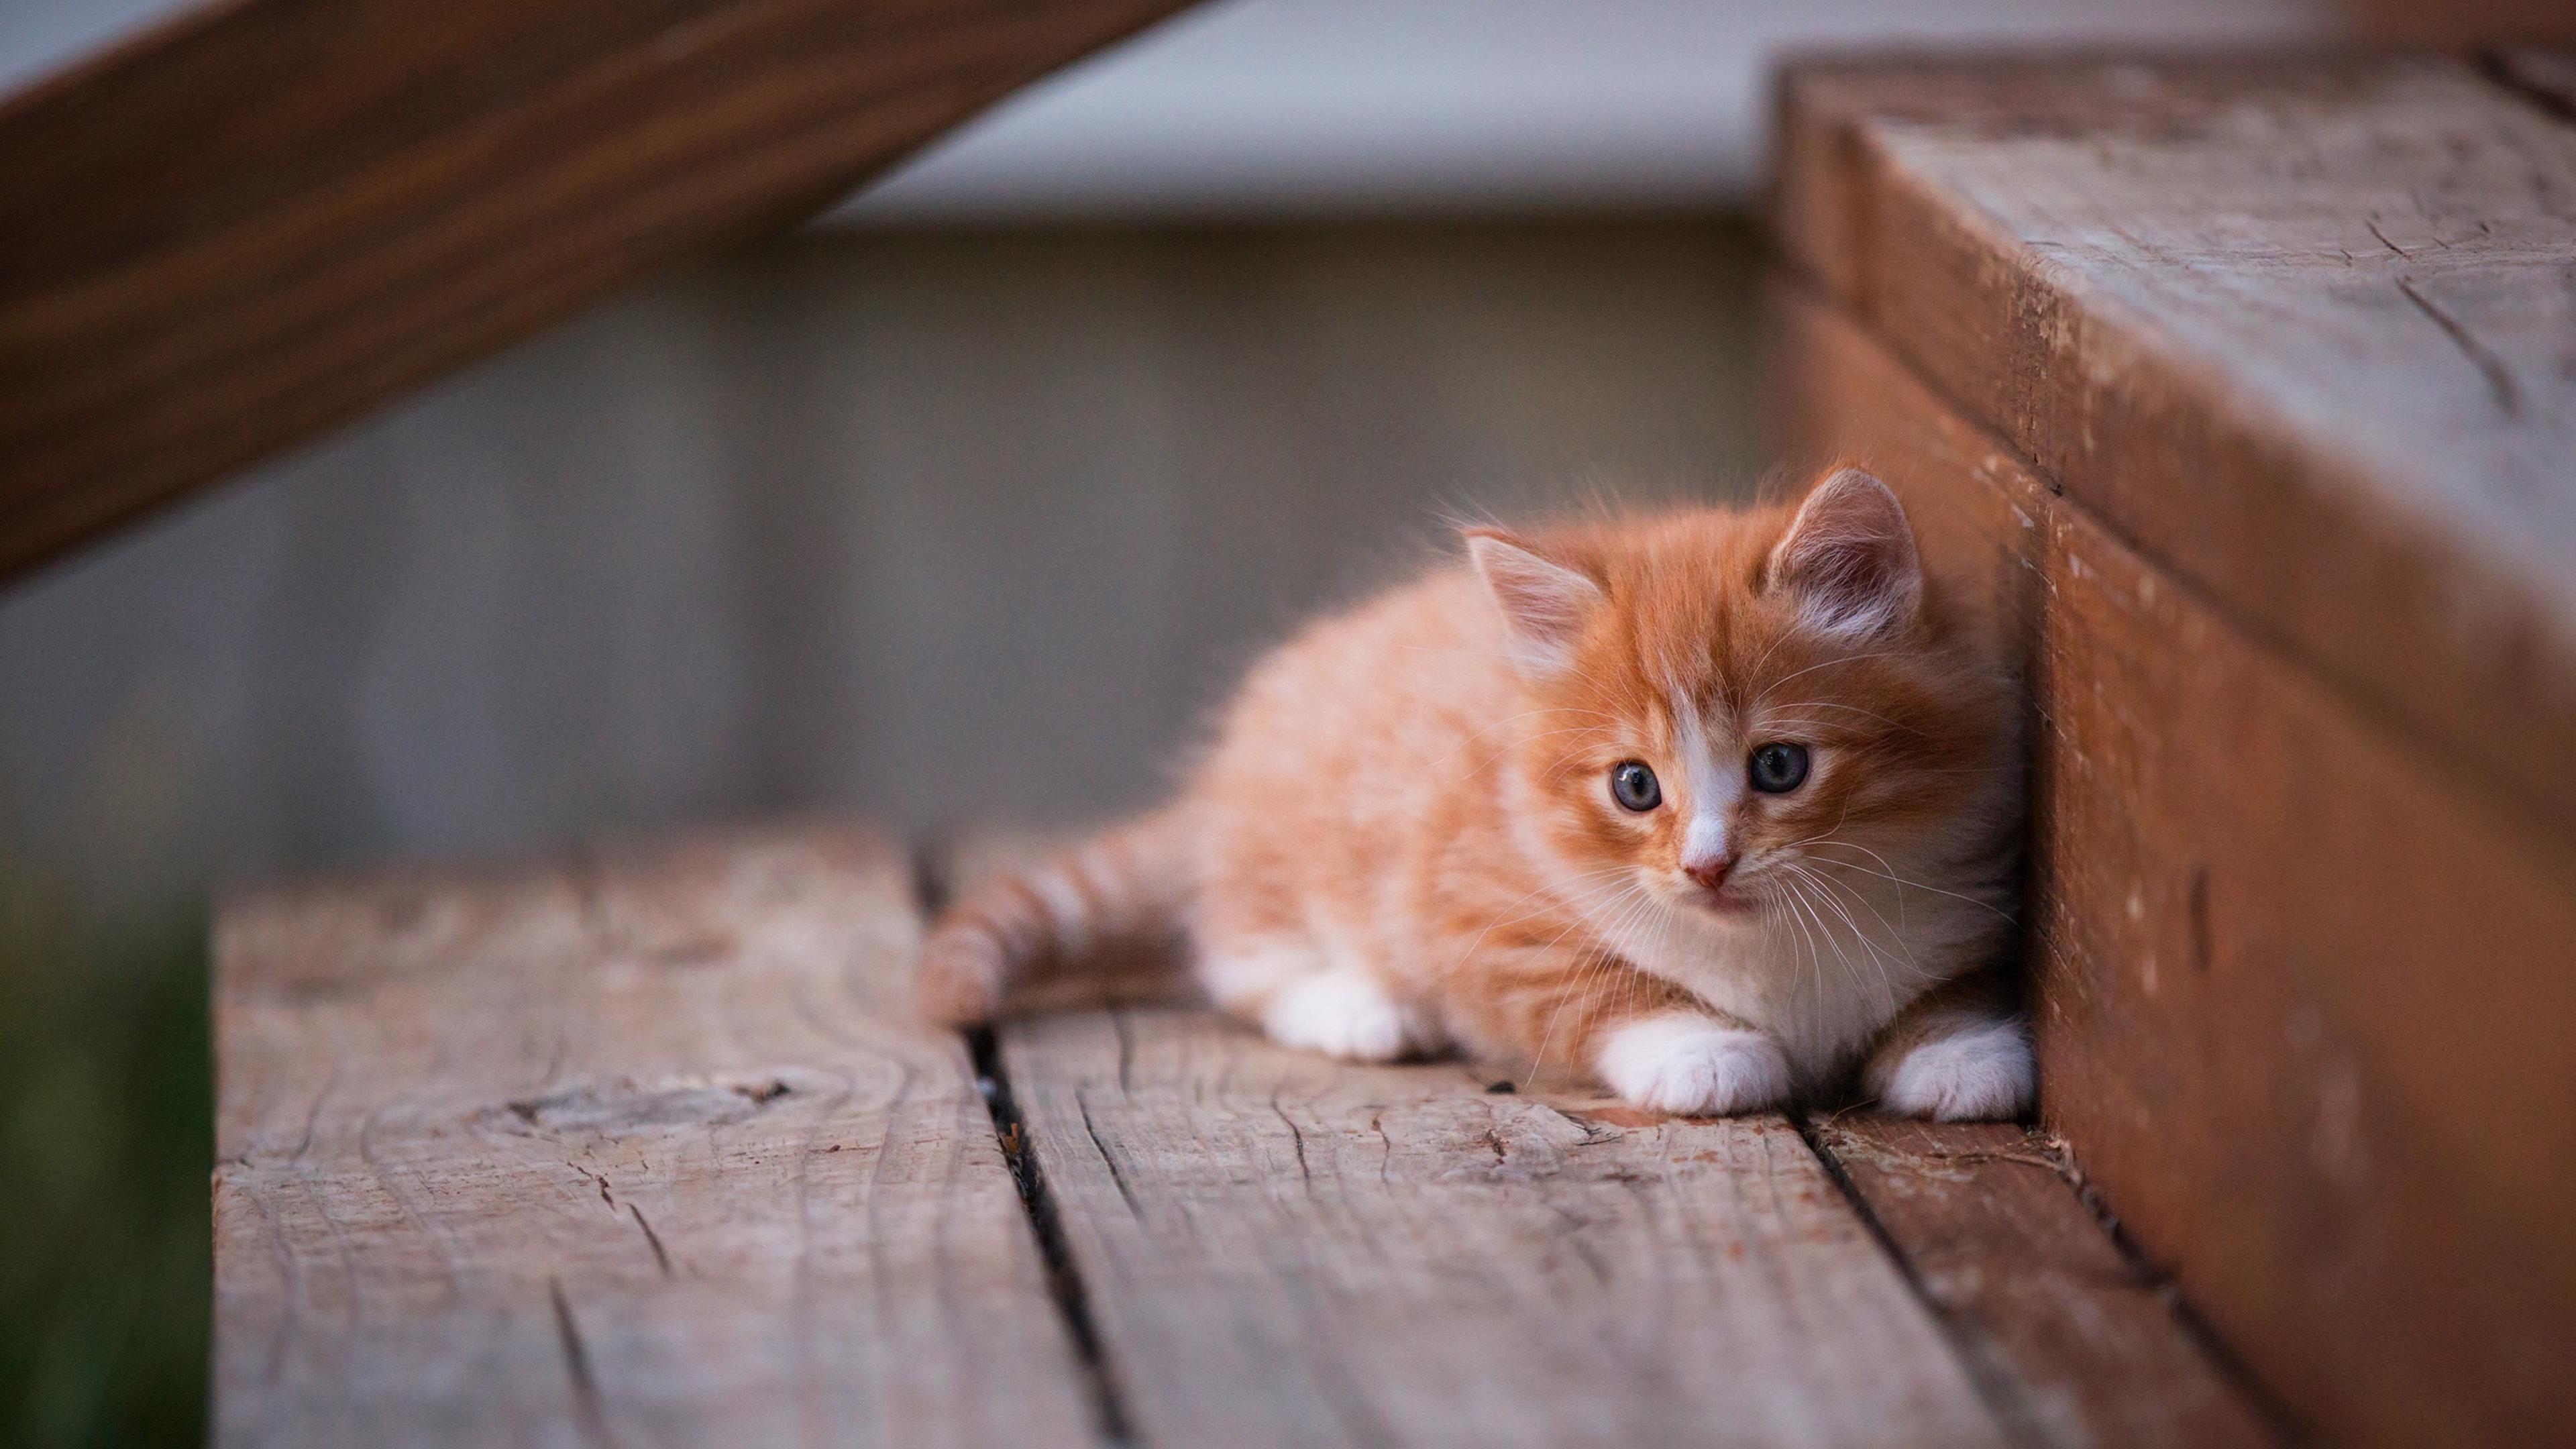 3840x2160 Kitten Cute 4k HD 4k Wallpapers, Images ...